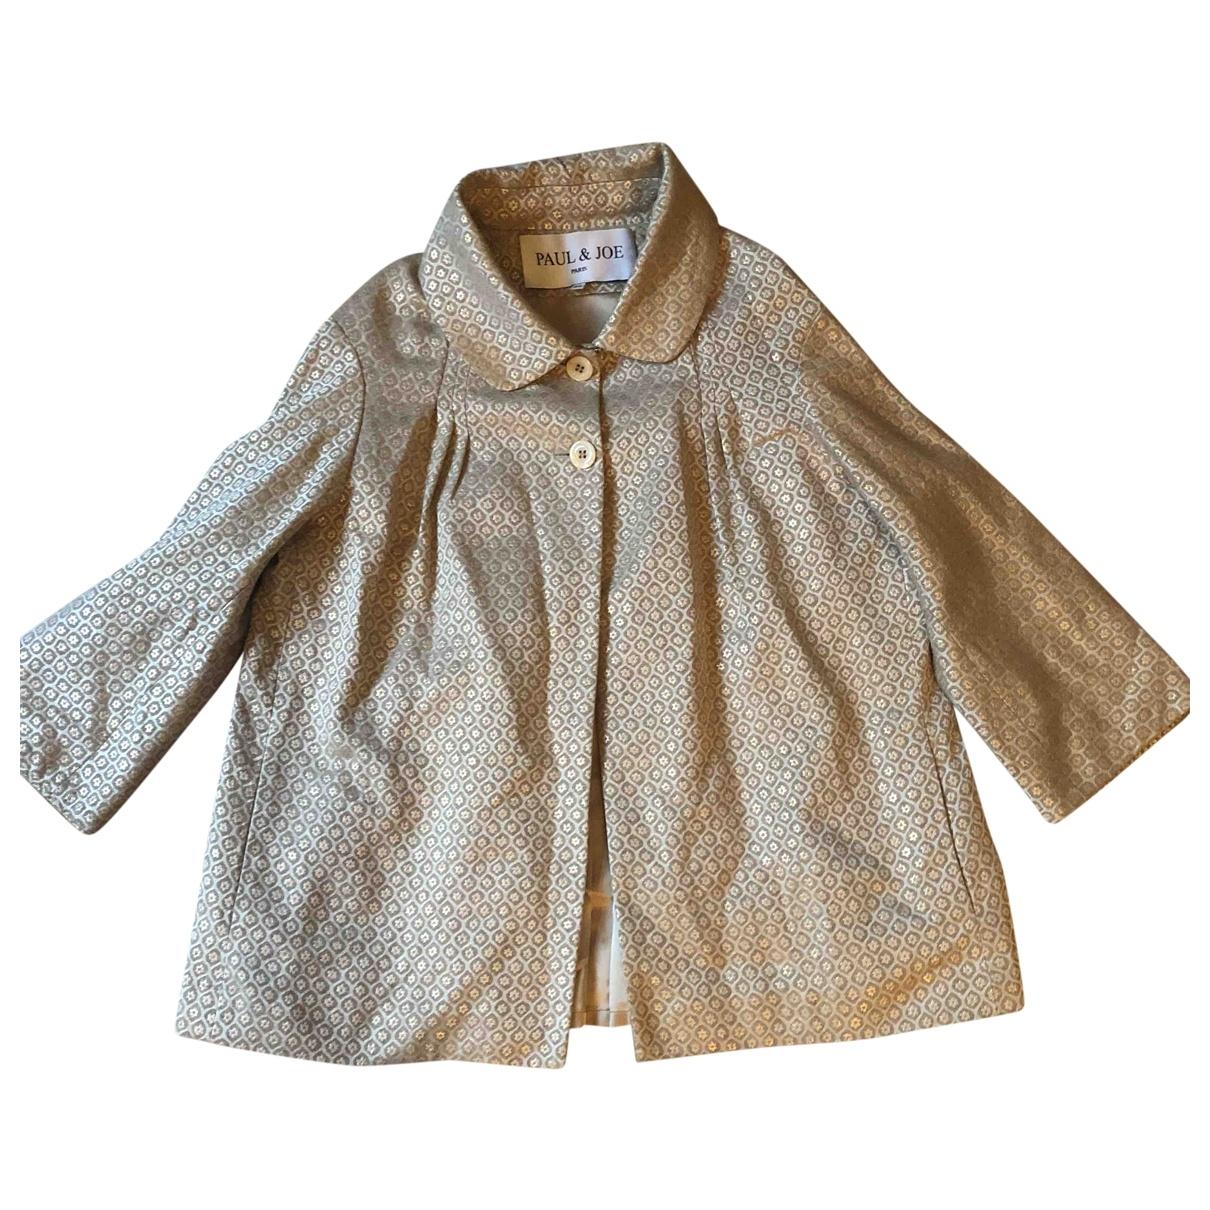 Paul & Joe \N Beige Cotton jacket for Women 36 FR